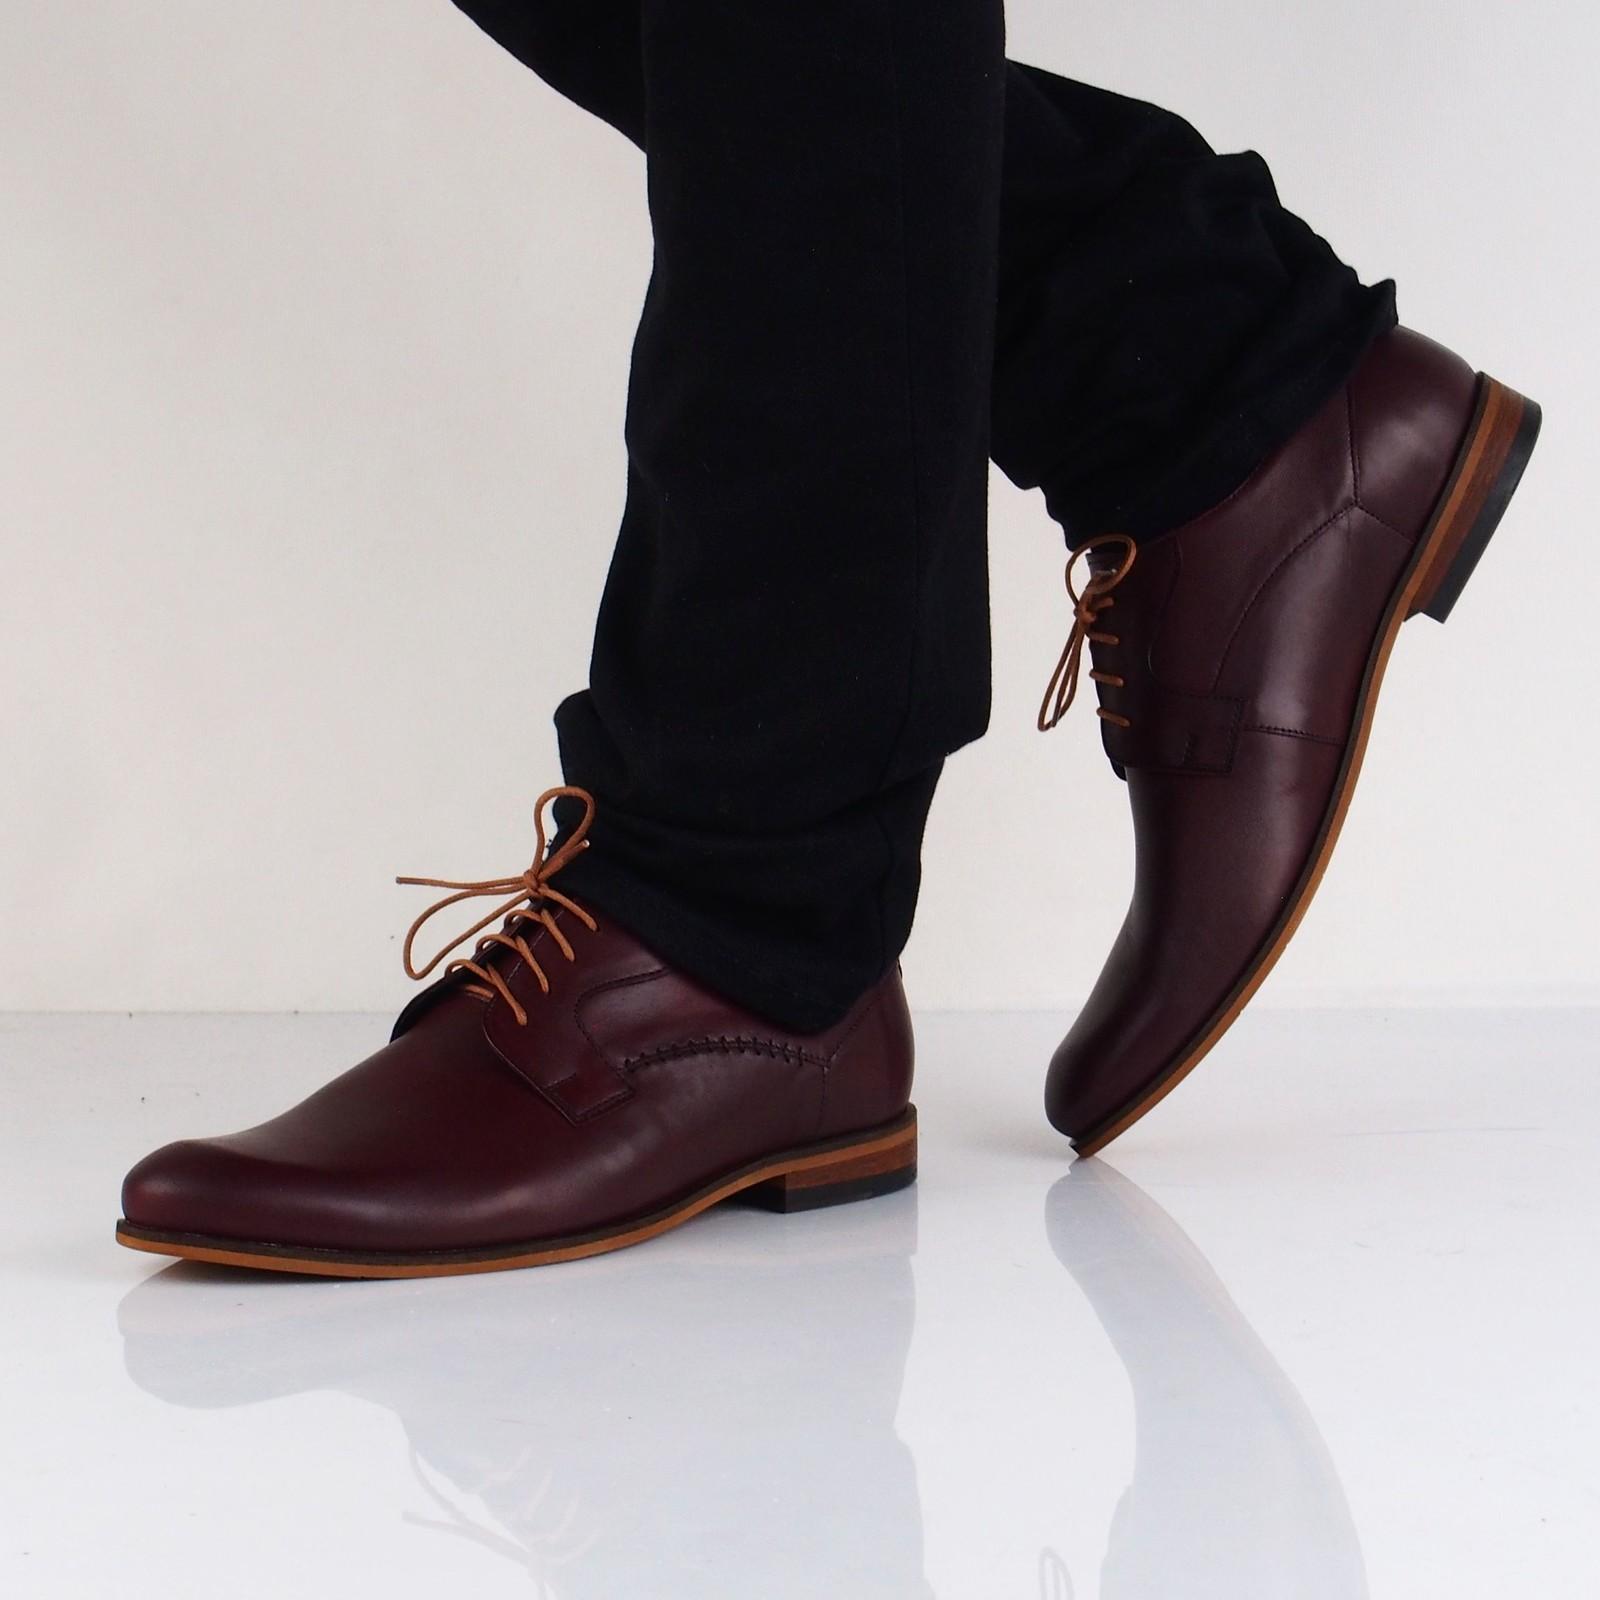 Faber pánske kožené spoločenské topánky - bordové